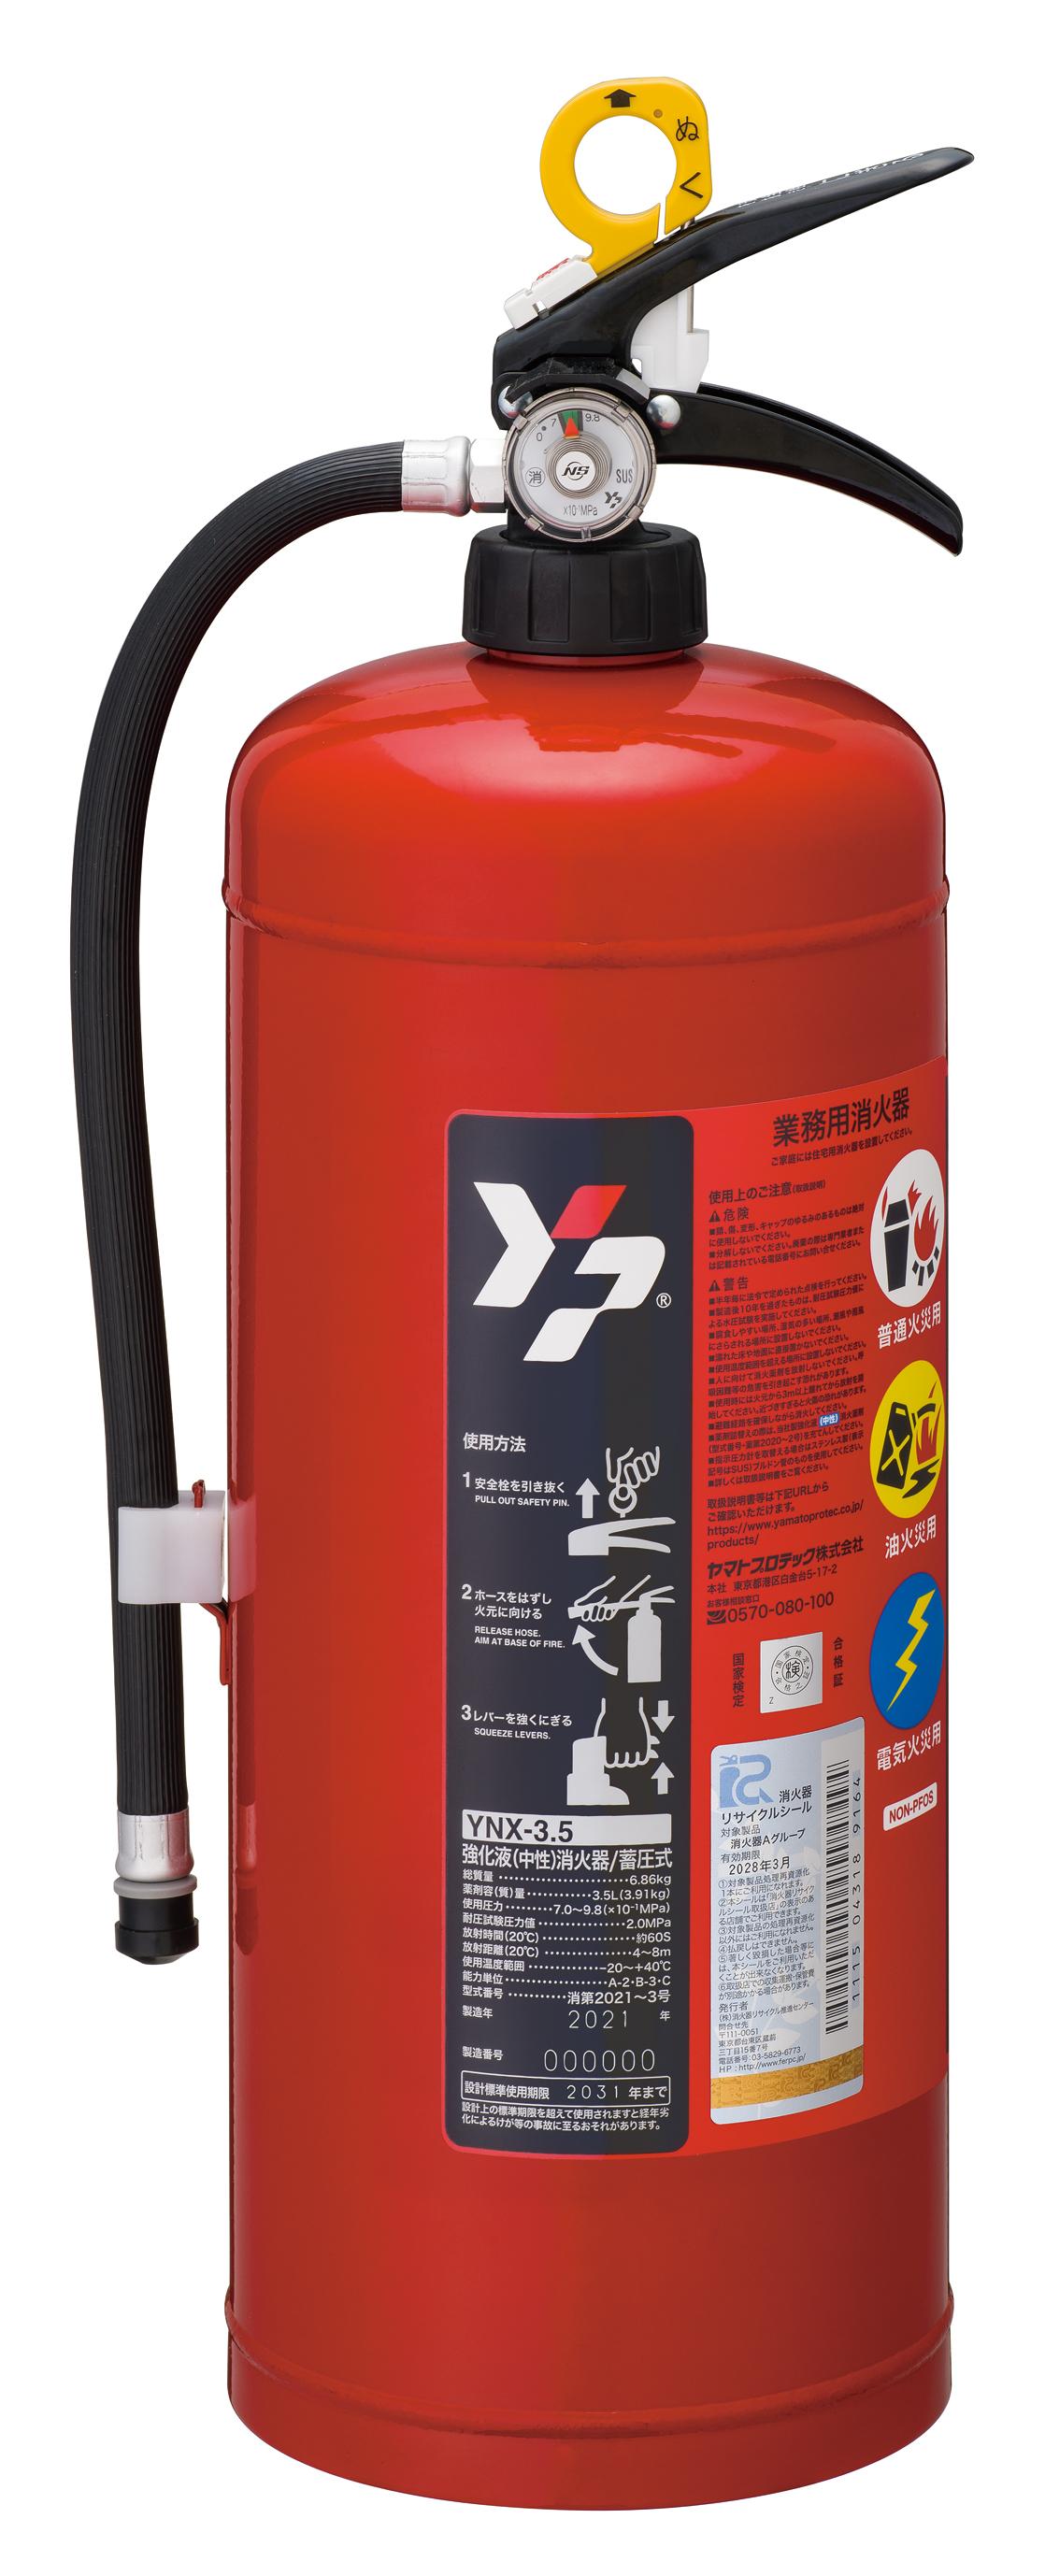 ハイパフォーマンス強化液(中性)消火器 YNX-3.5